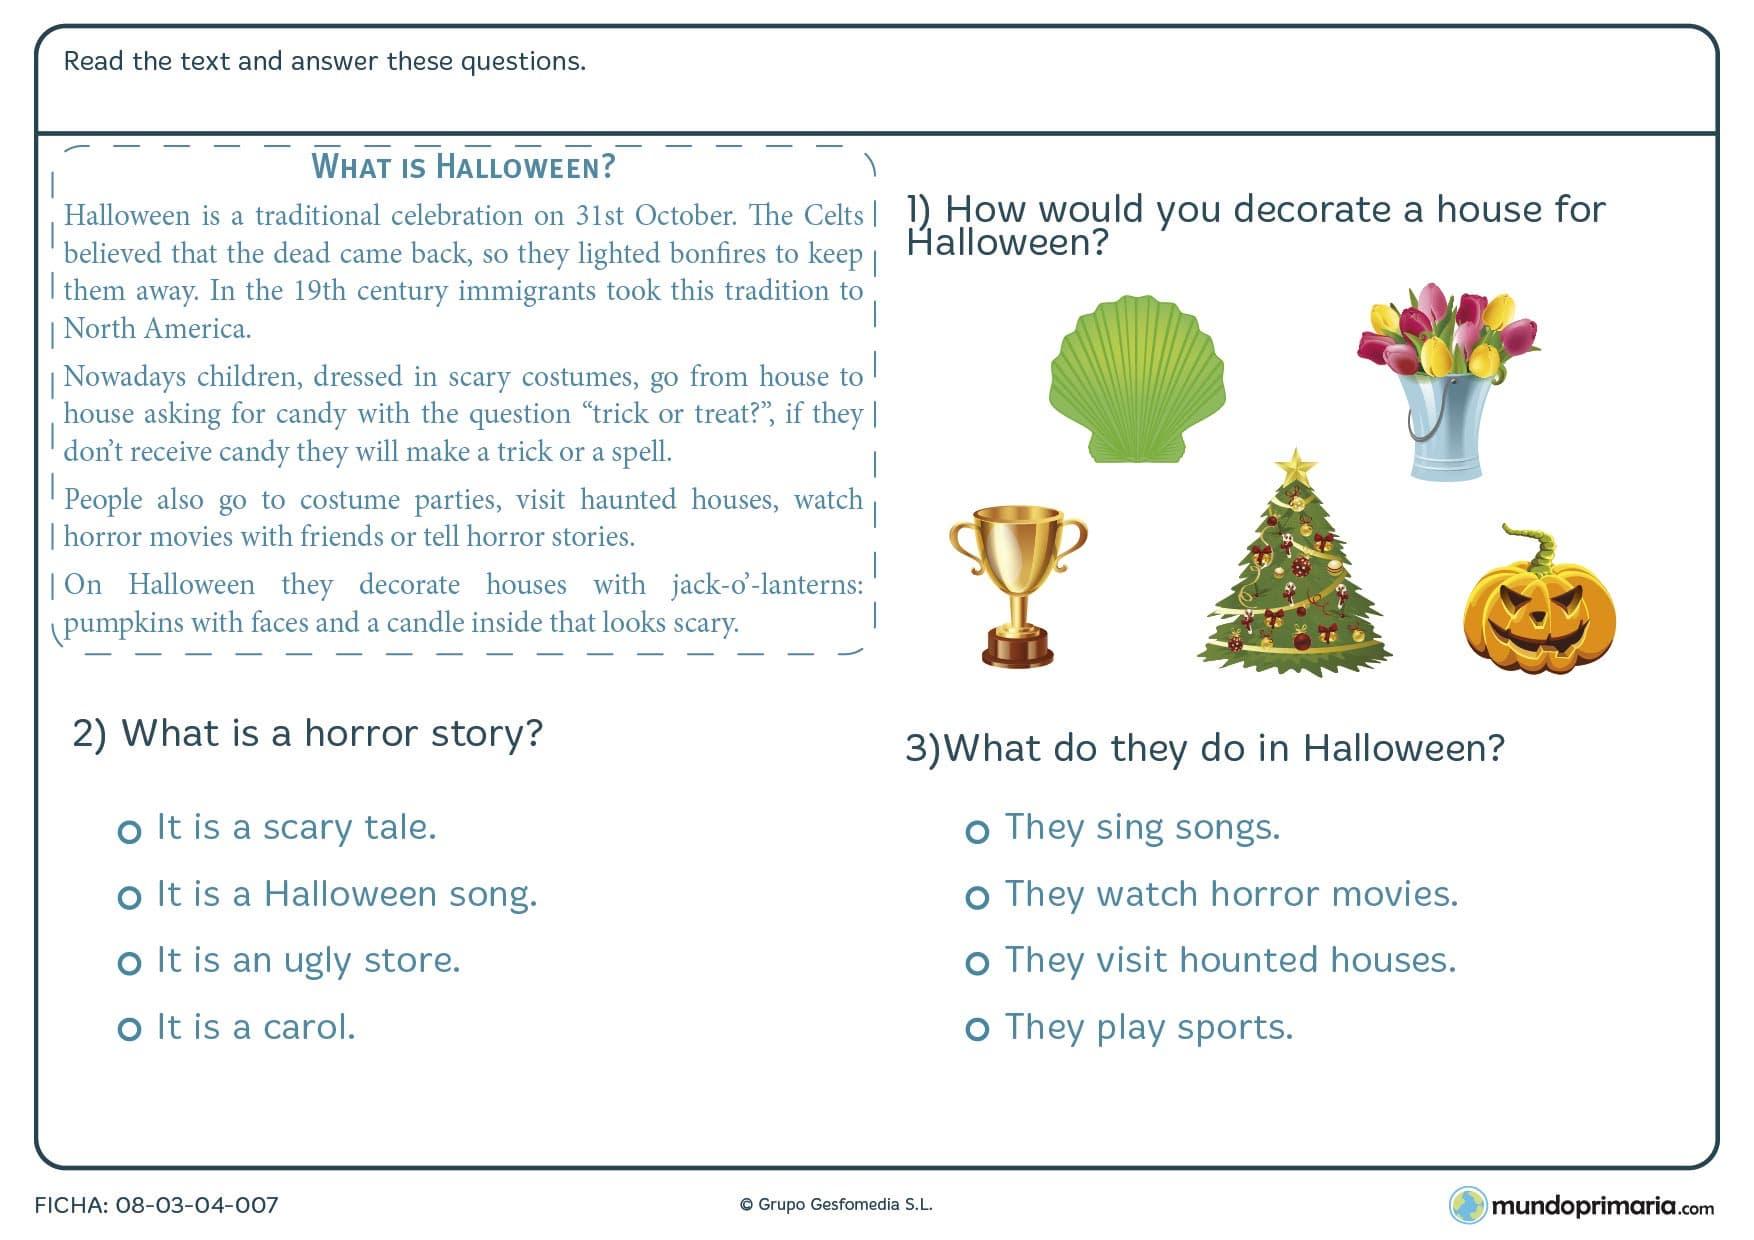 Ficha contestar preguntas sobre Halloween en la que tendrás, tras leer detenidamente el texto, responder a las preguntas de acuerdo con la información que aparece en dicho texto.